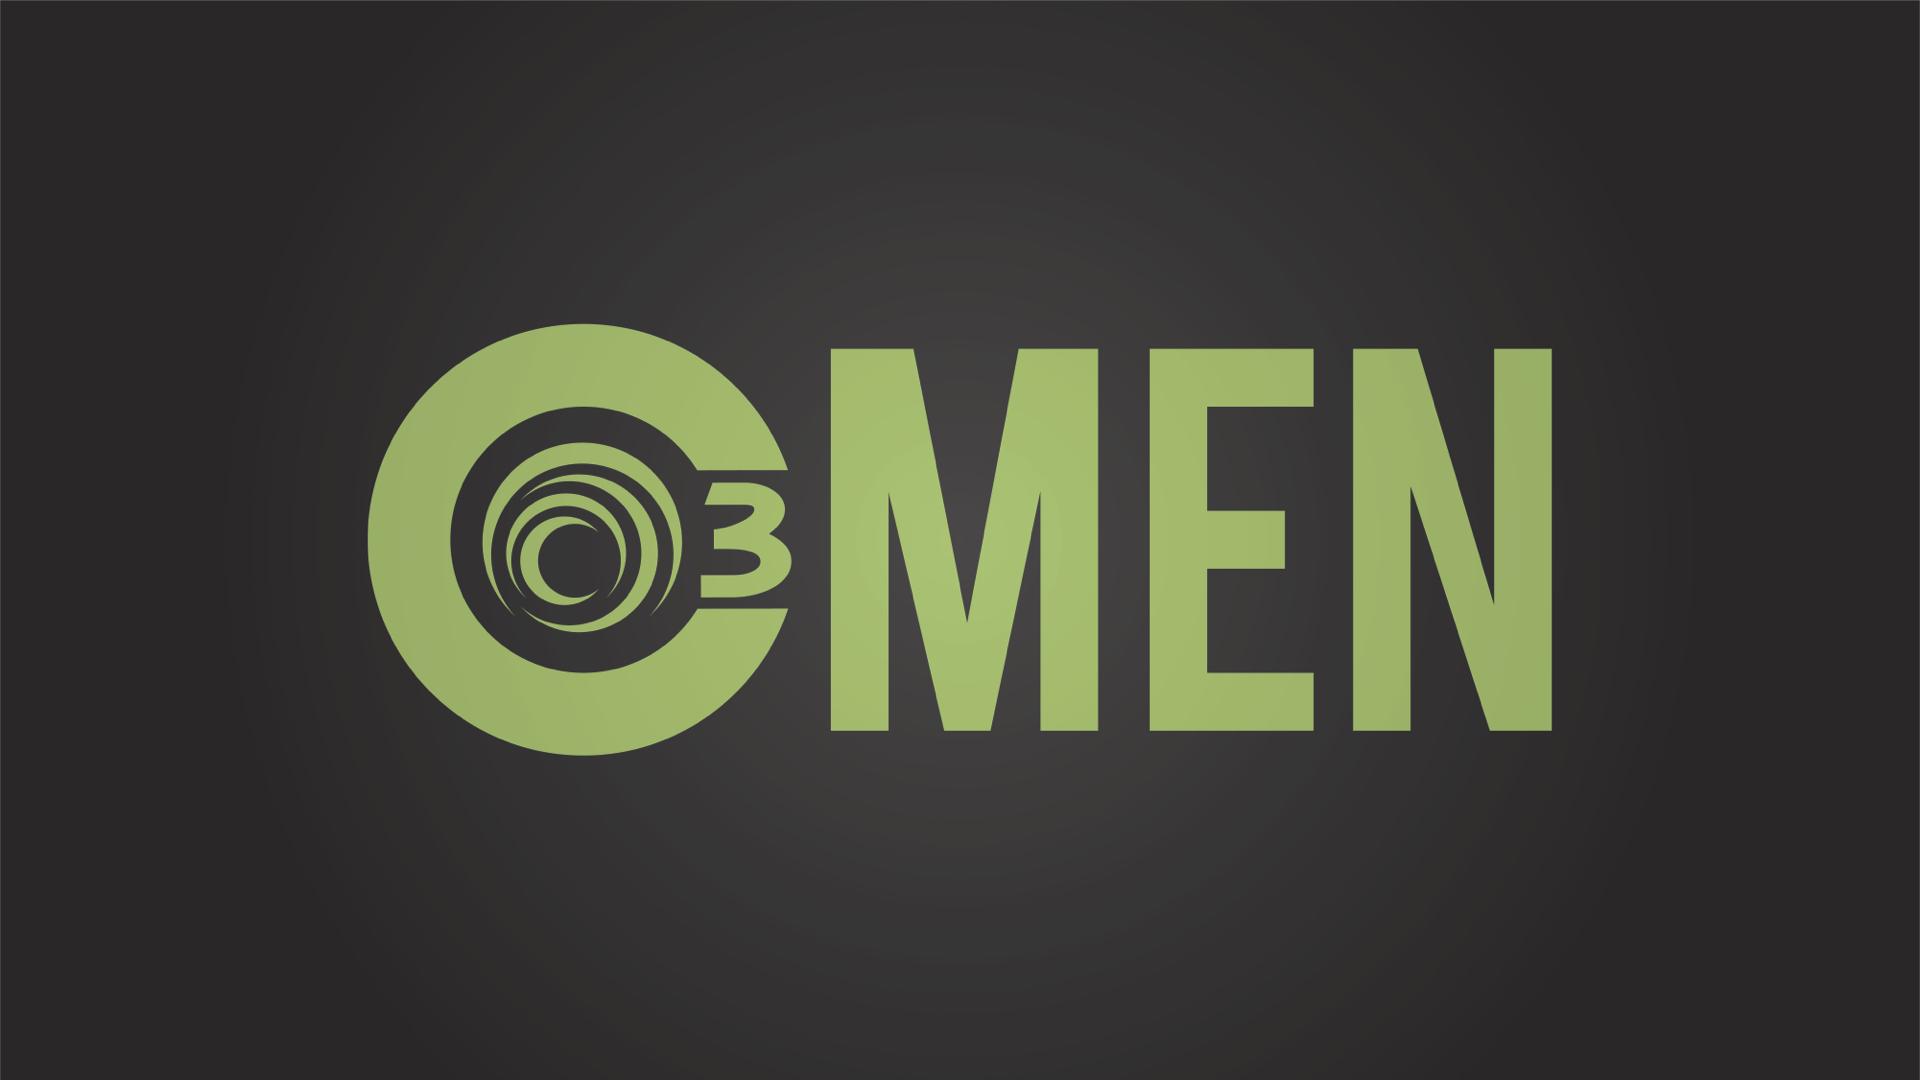 C3Men_Image.jpeg